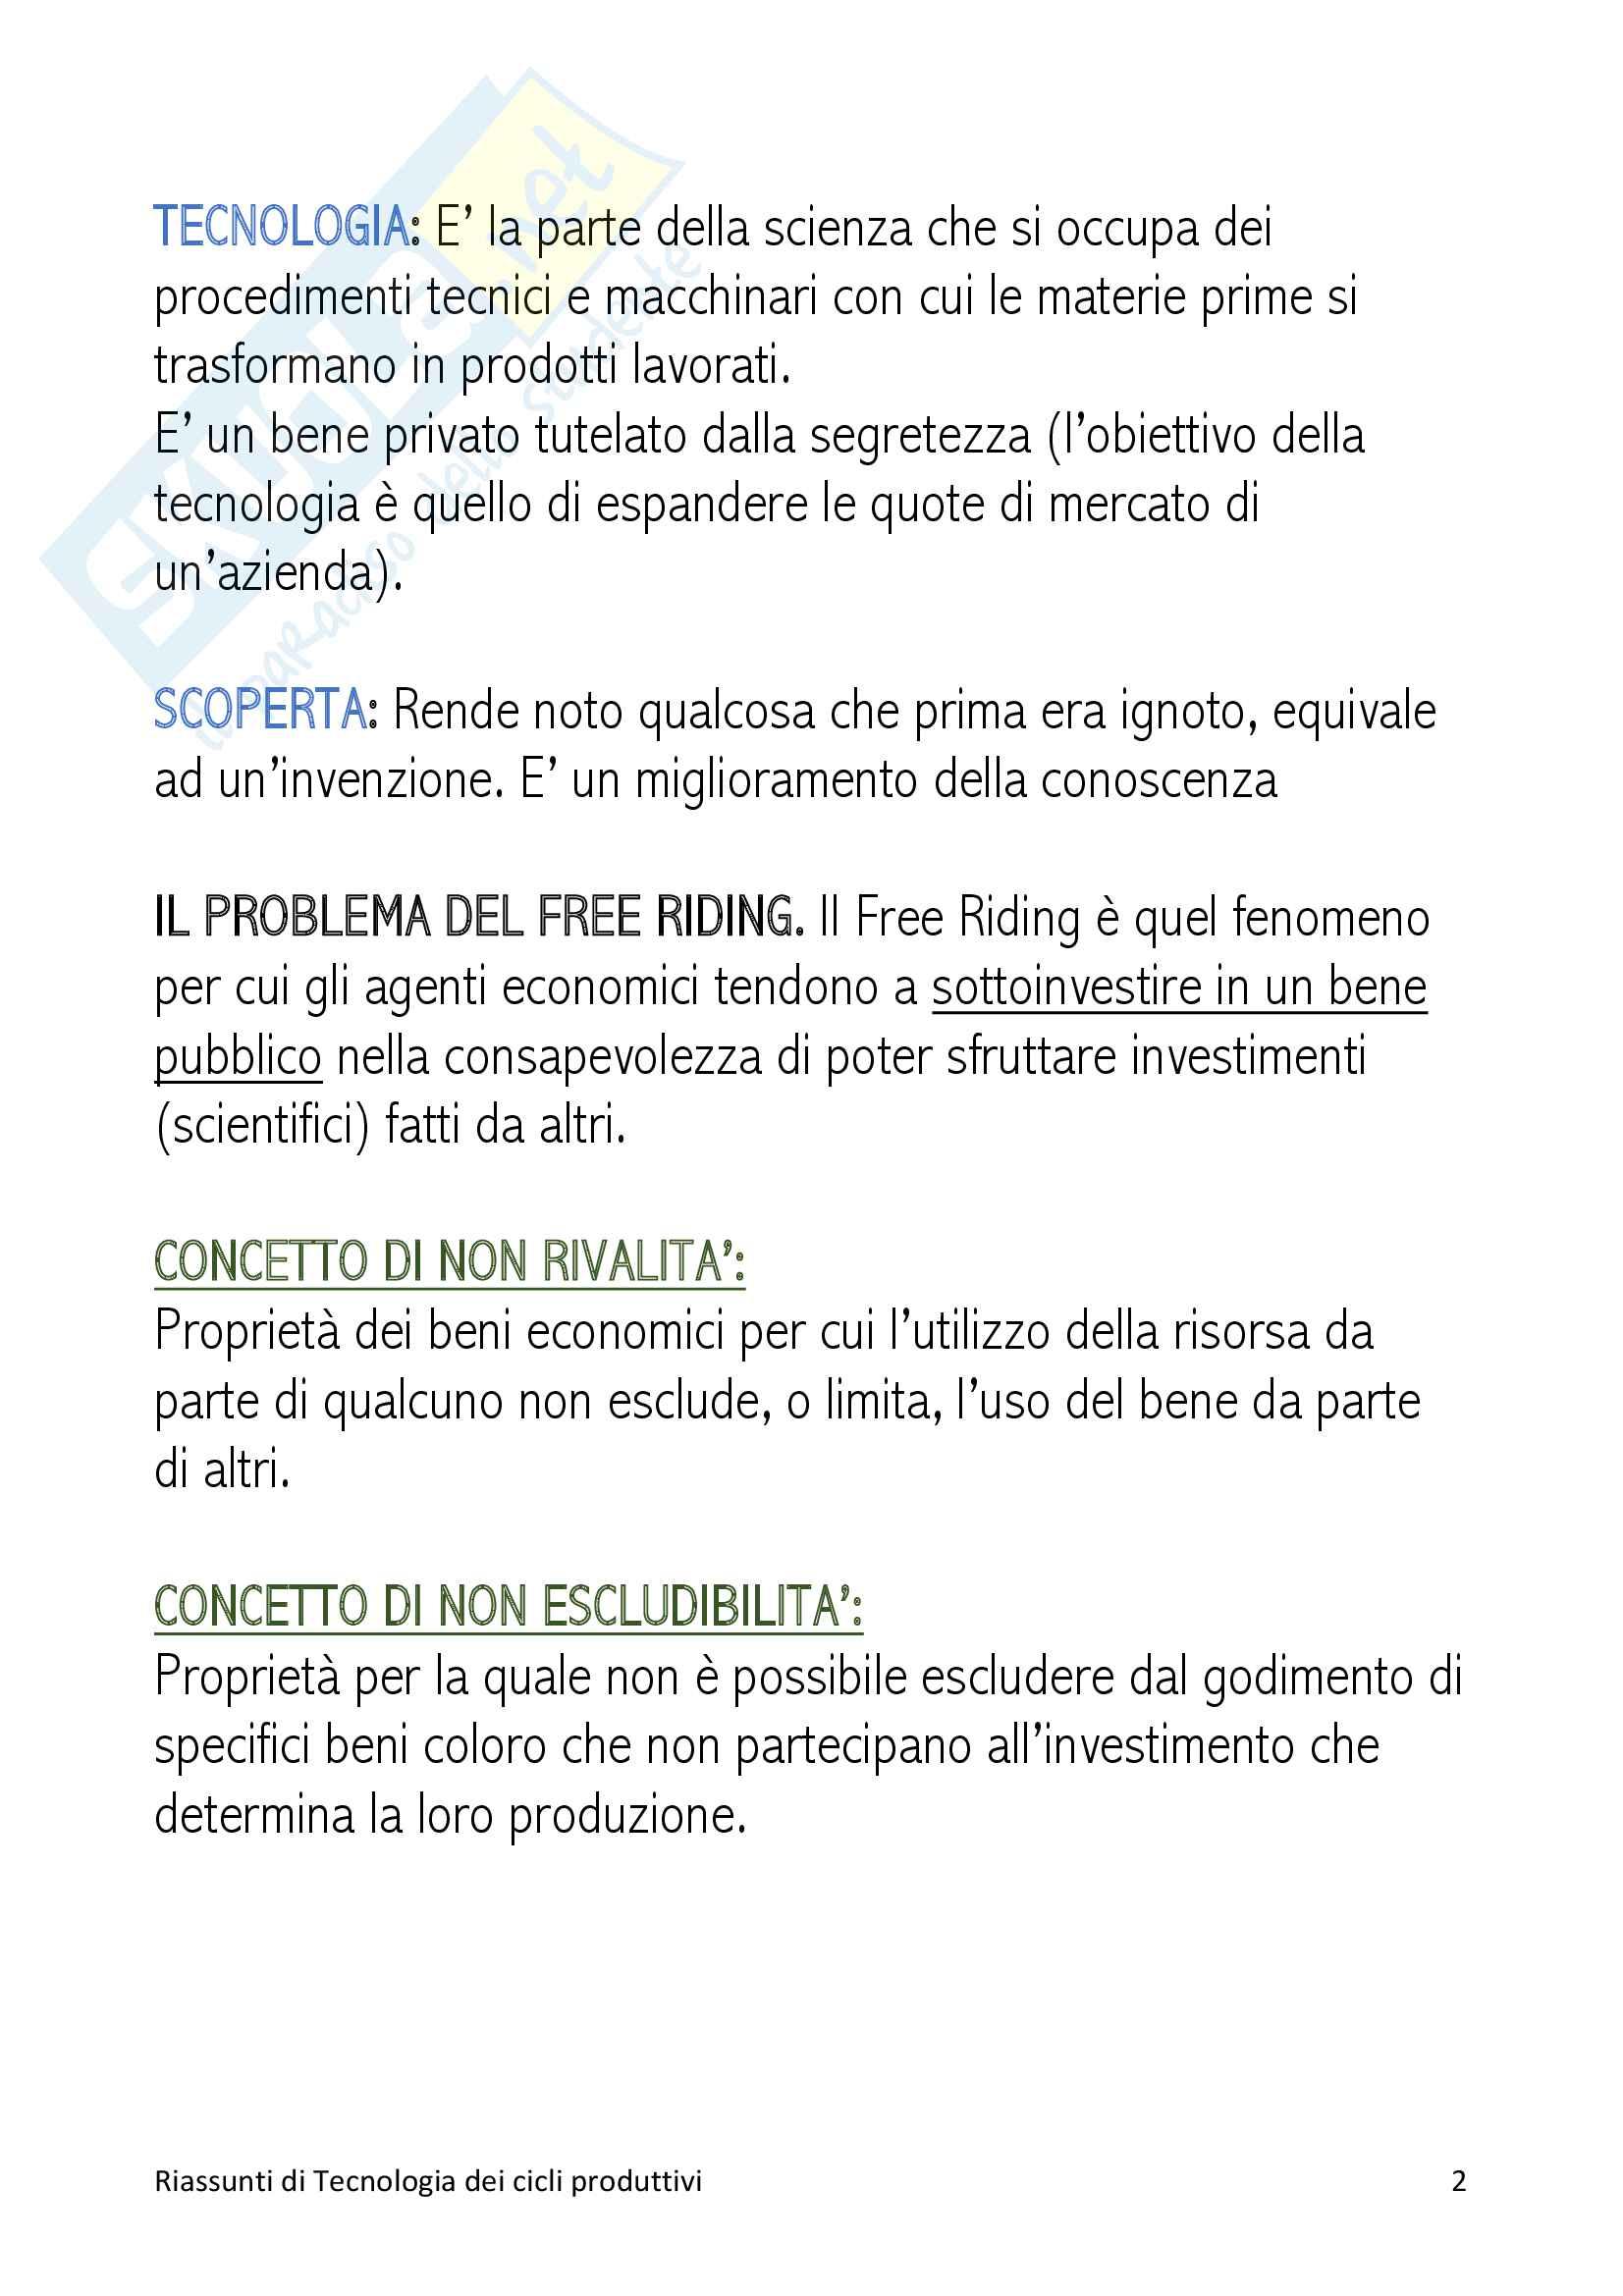 Riassunti di Cicli produttivi Pag. 2